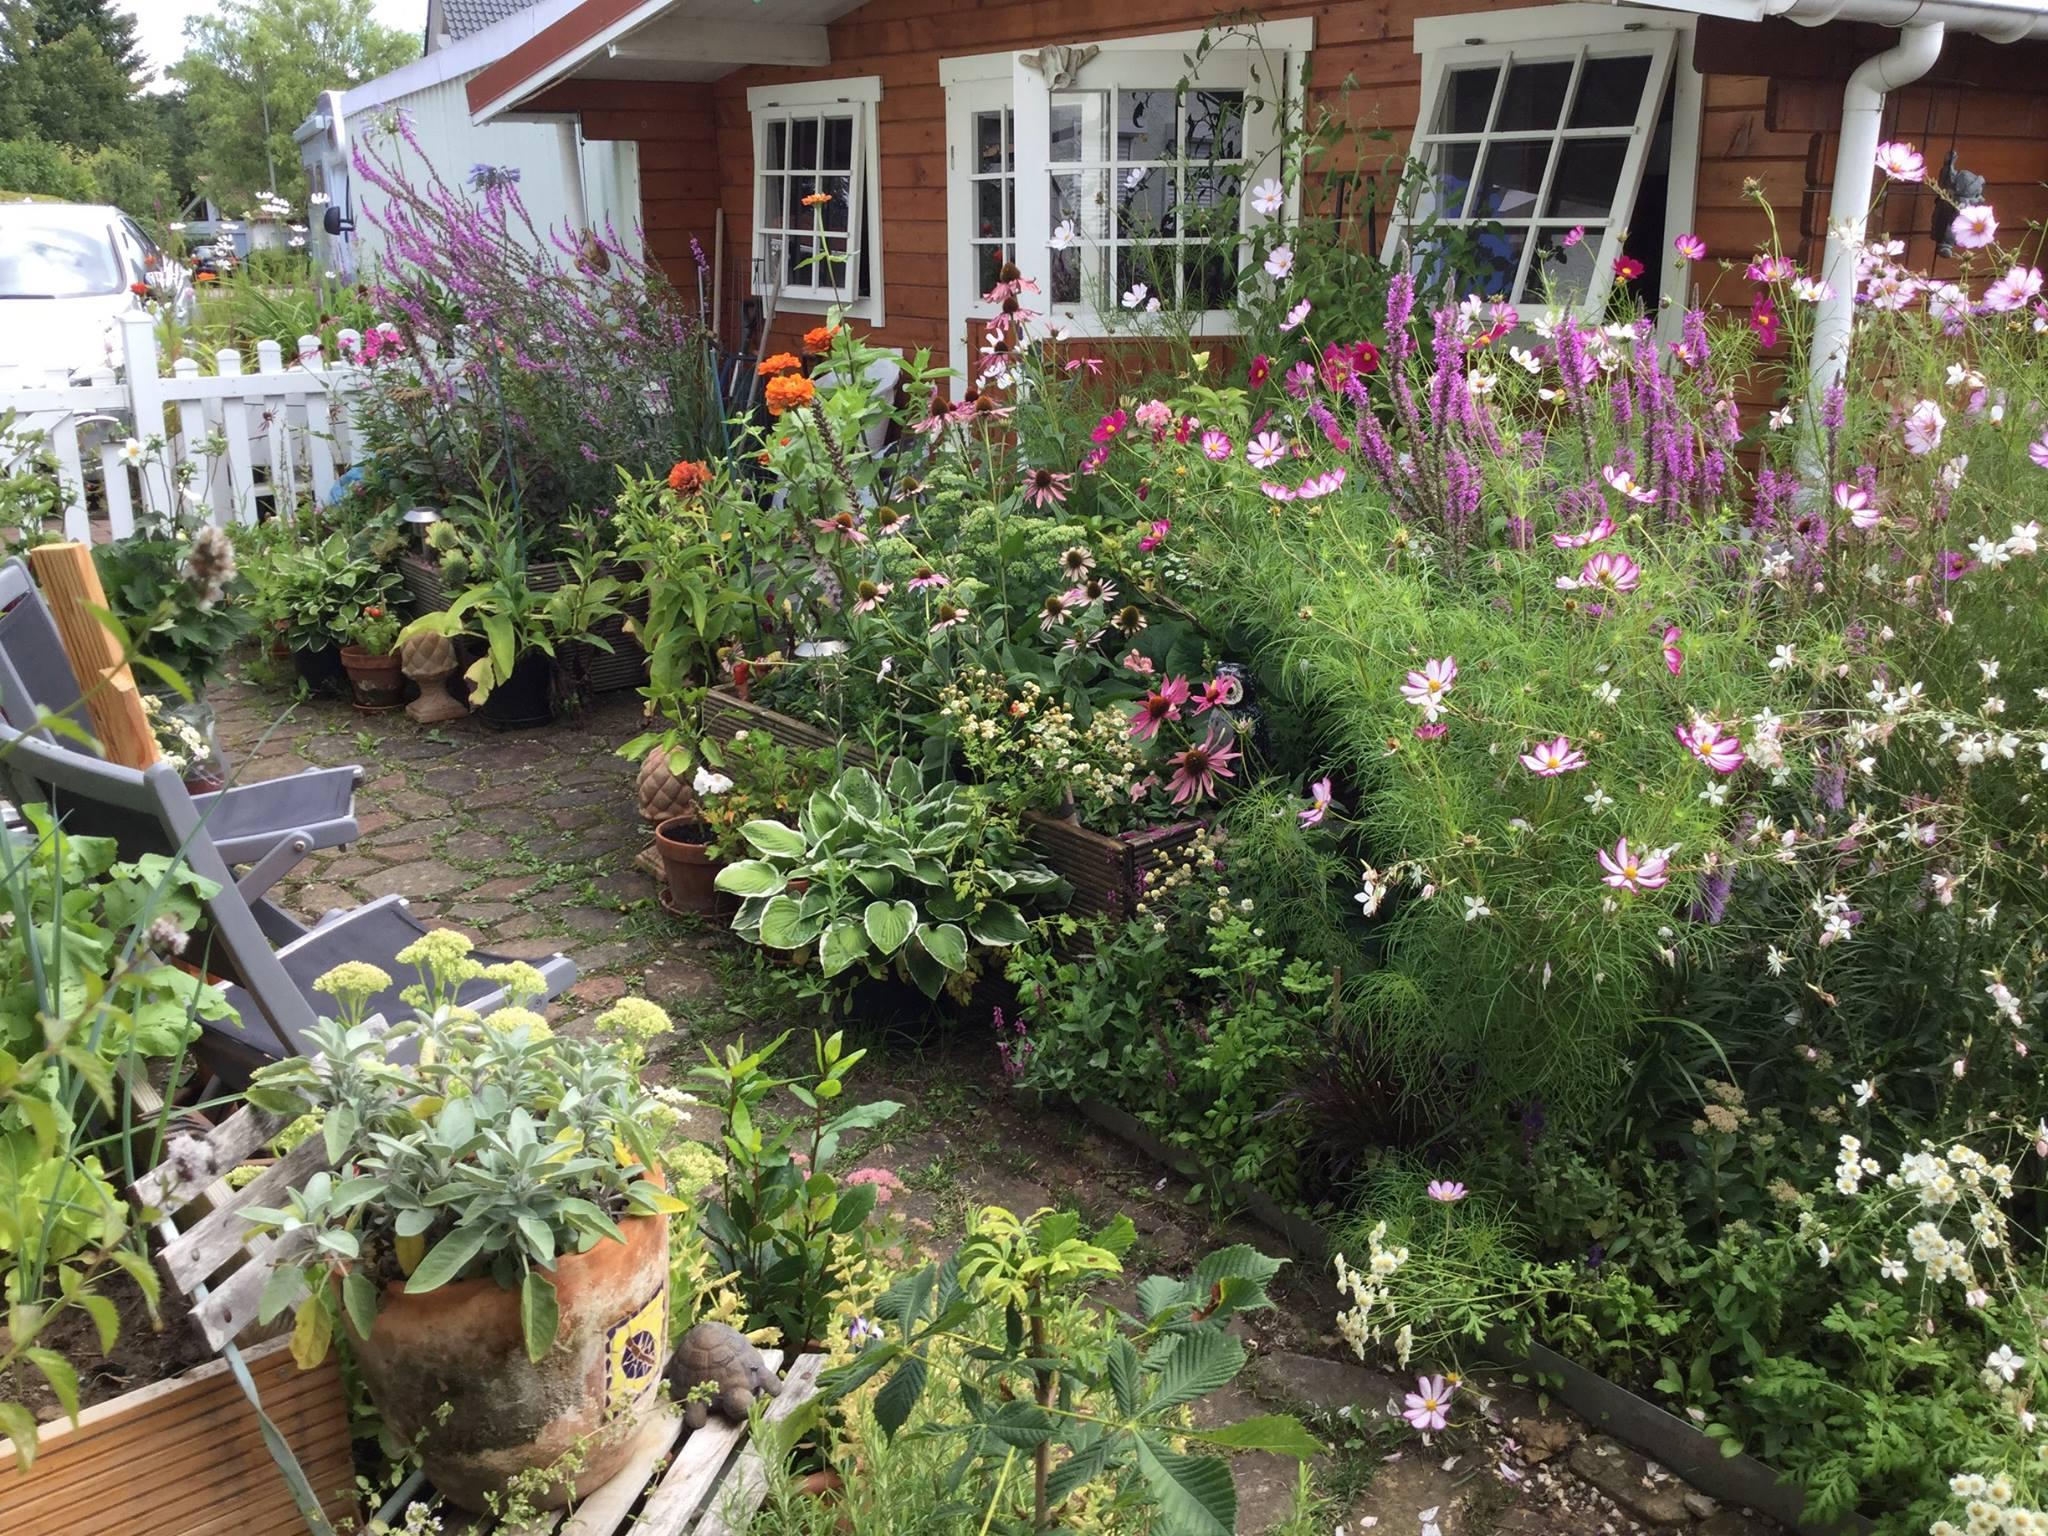 Gartenhaus: Viel Stau- und Wohnraum, auch im kleinen Garten